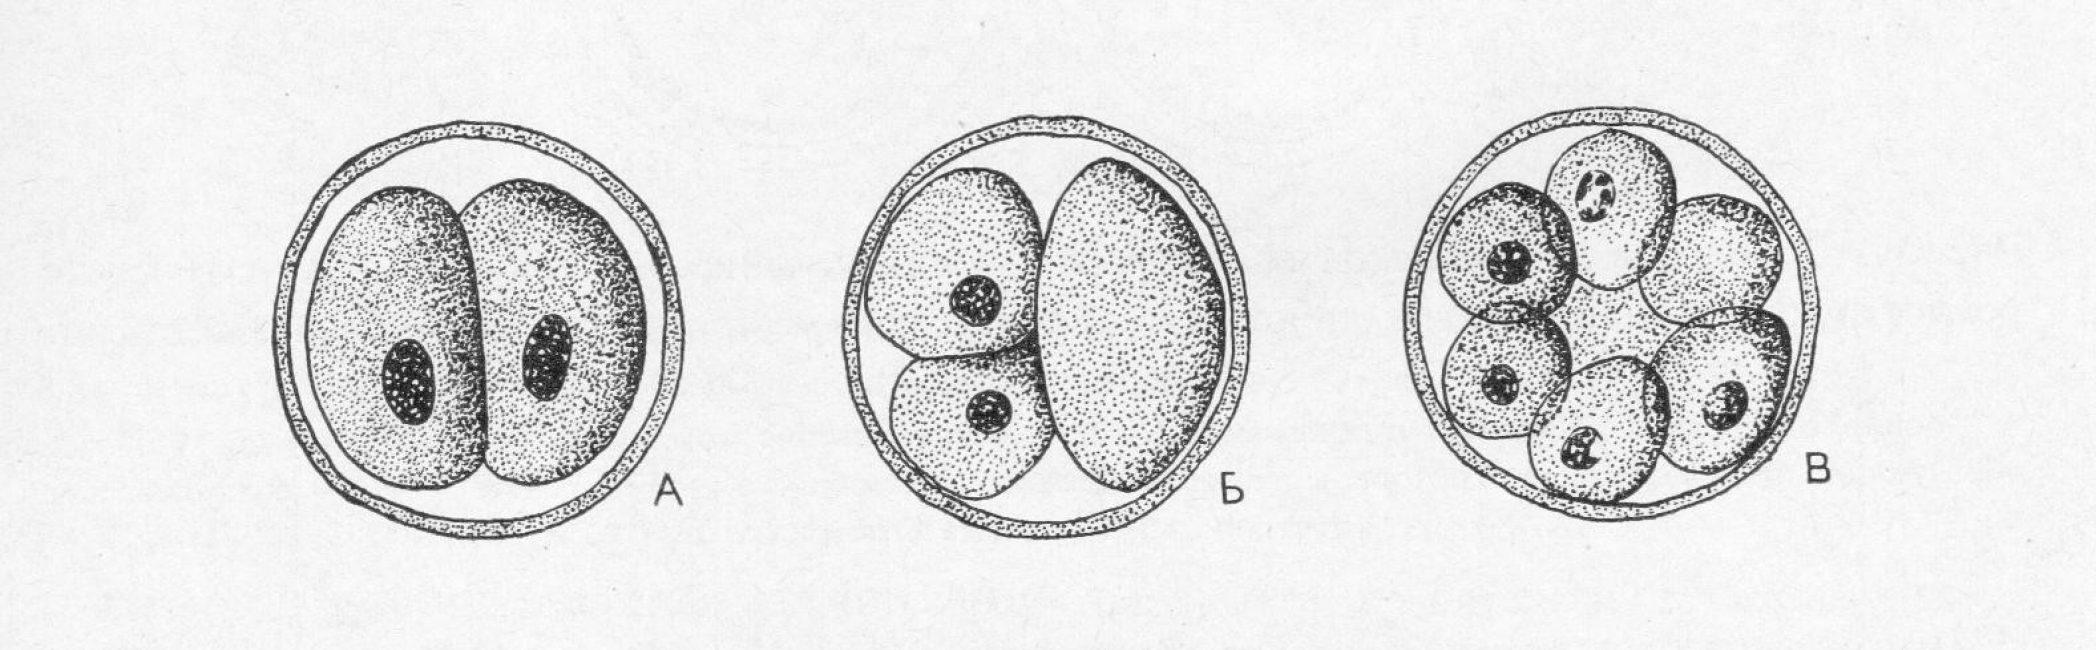 Дробление человеческой яйцеклетки. А, Б - 2ой день развития, В - 3ий день развития